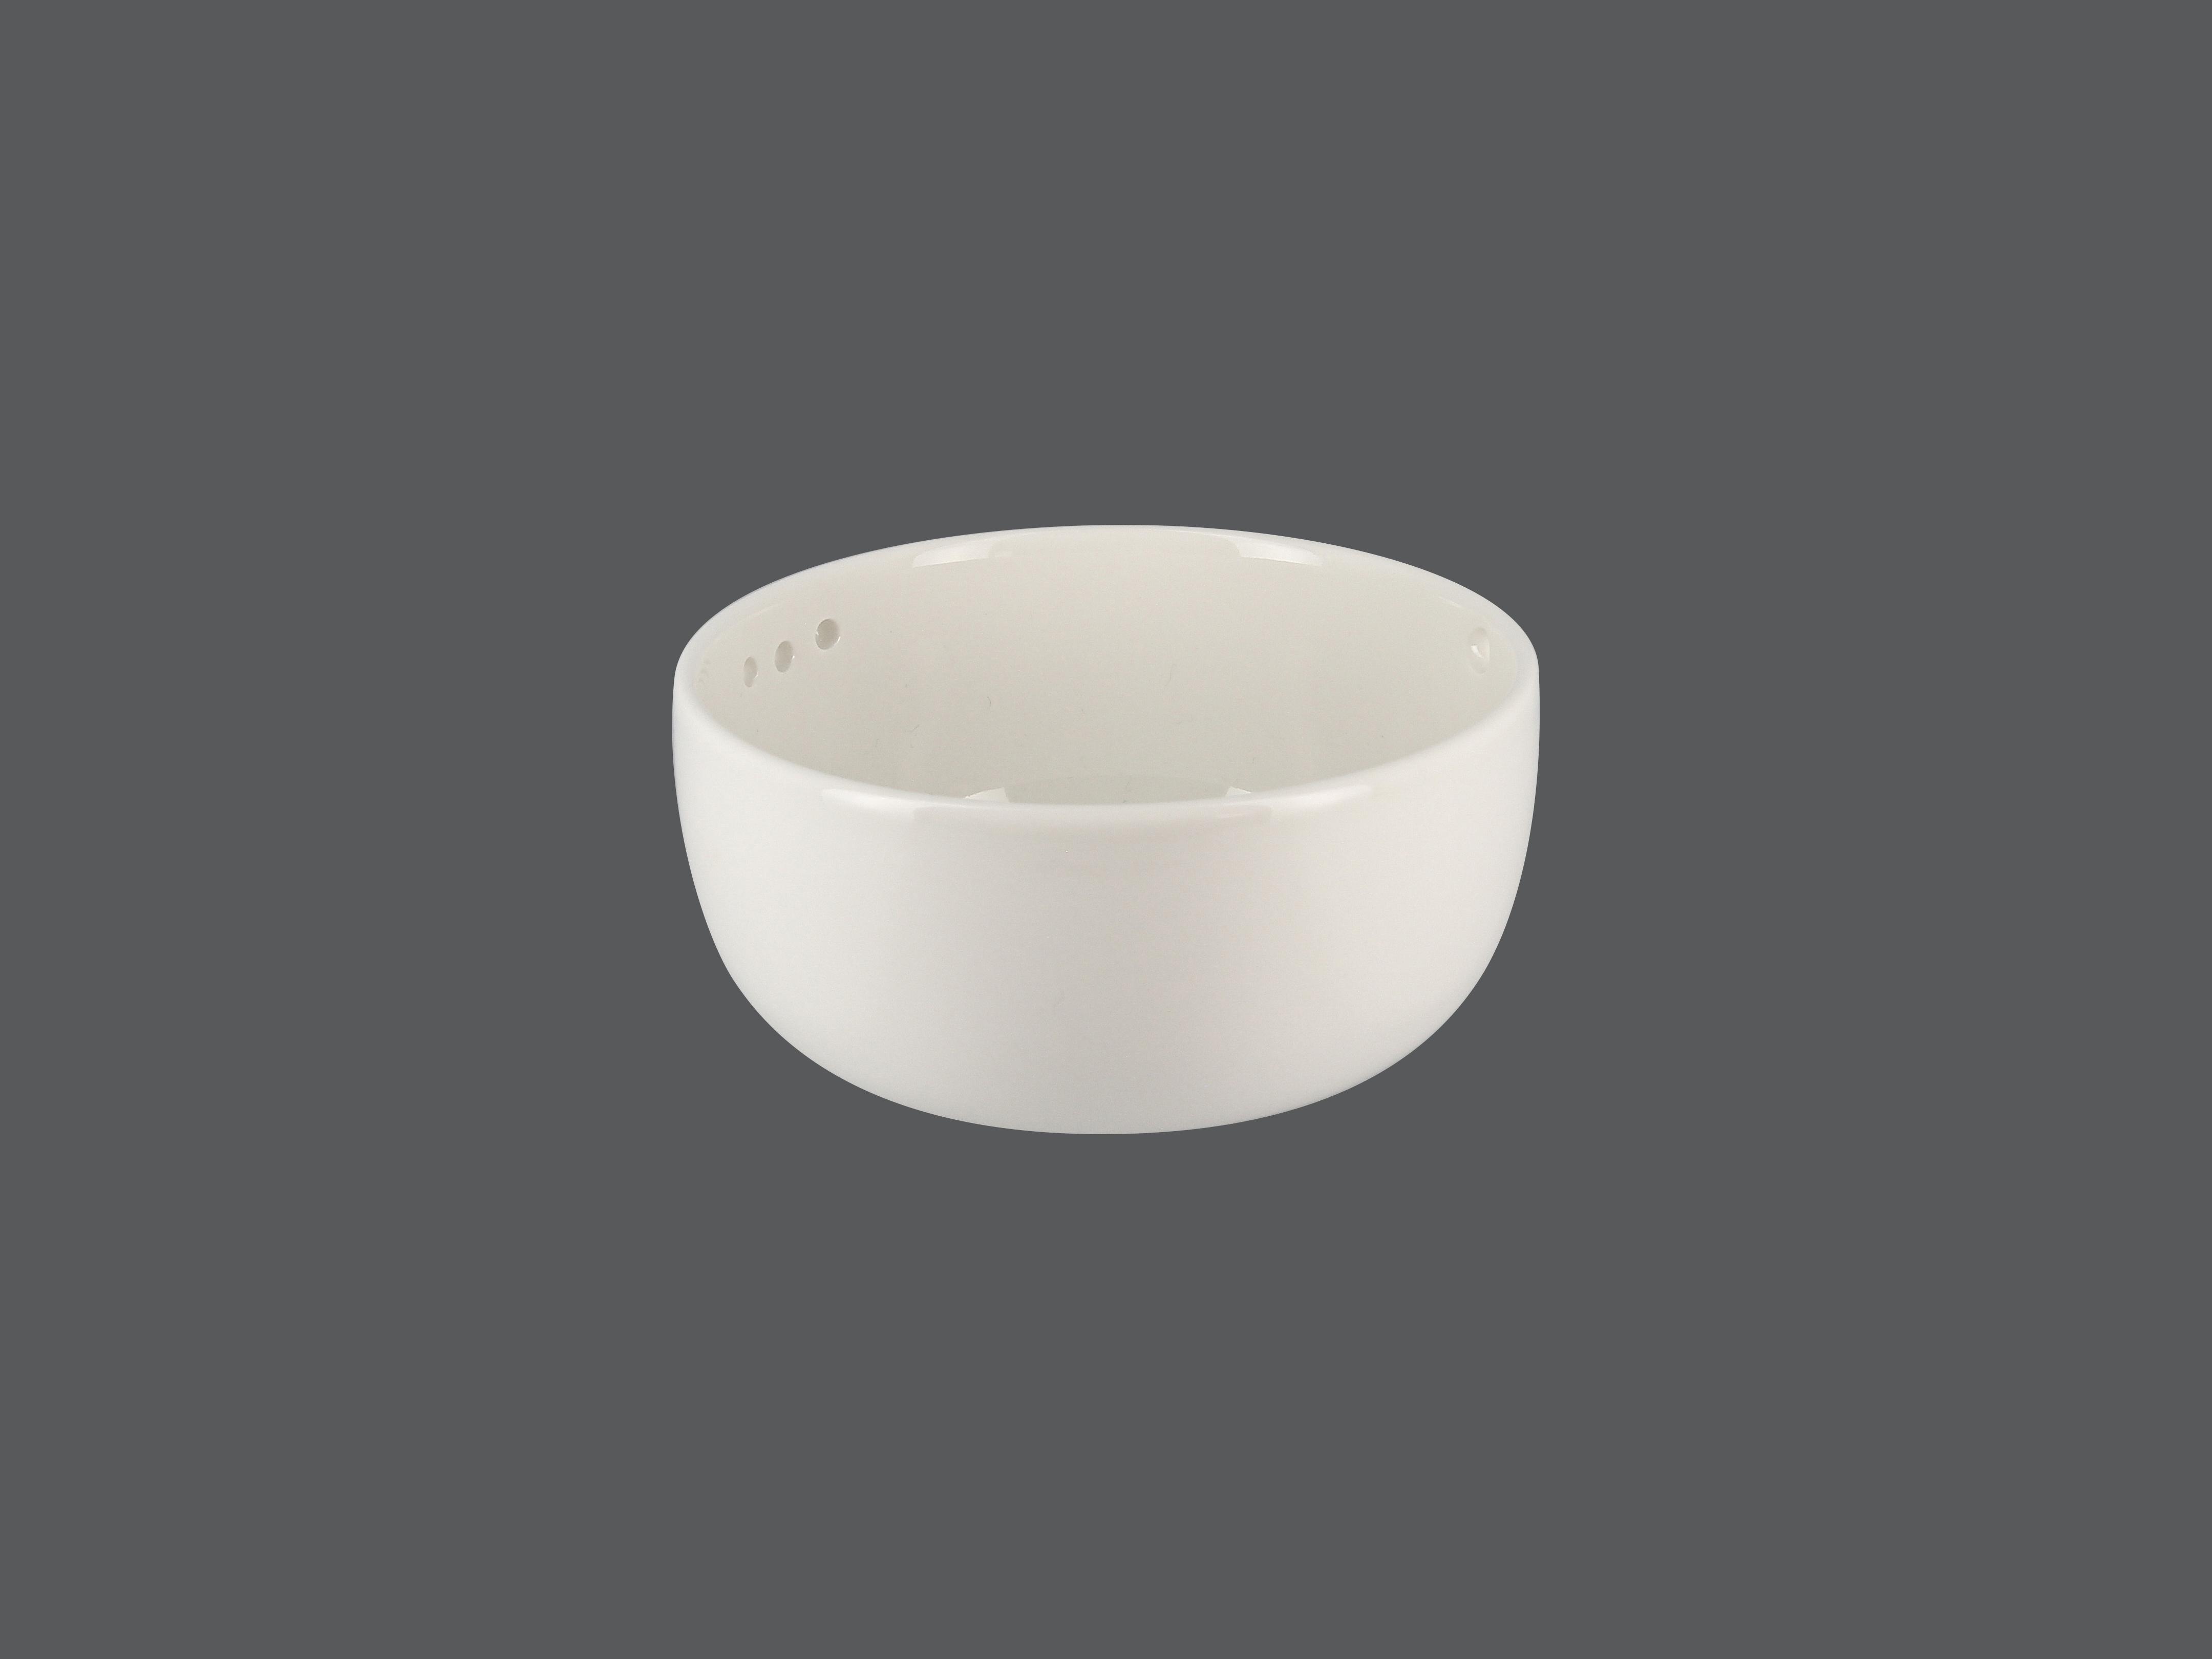 Miska s bočními dírkami na špejli 45 cl - bílá